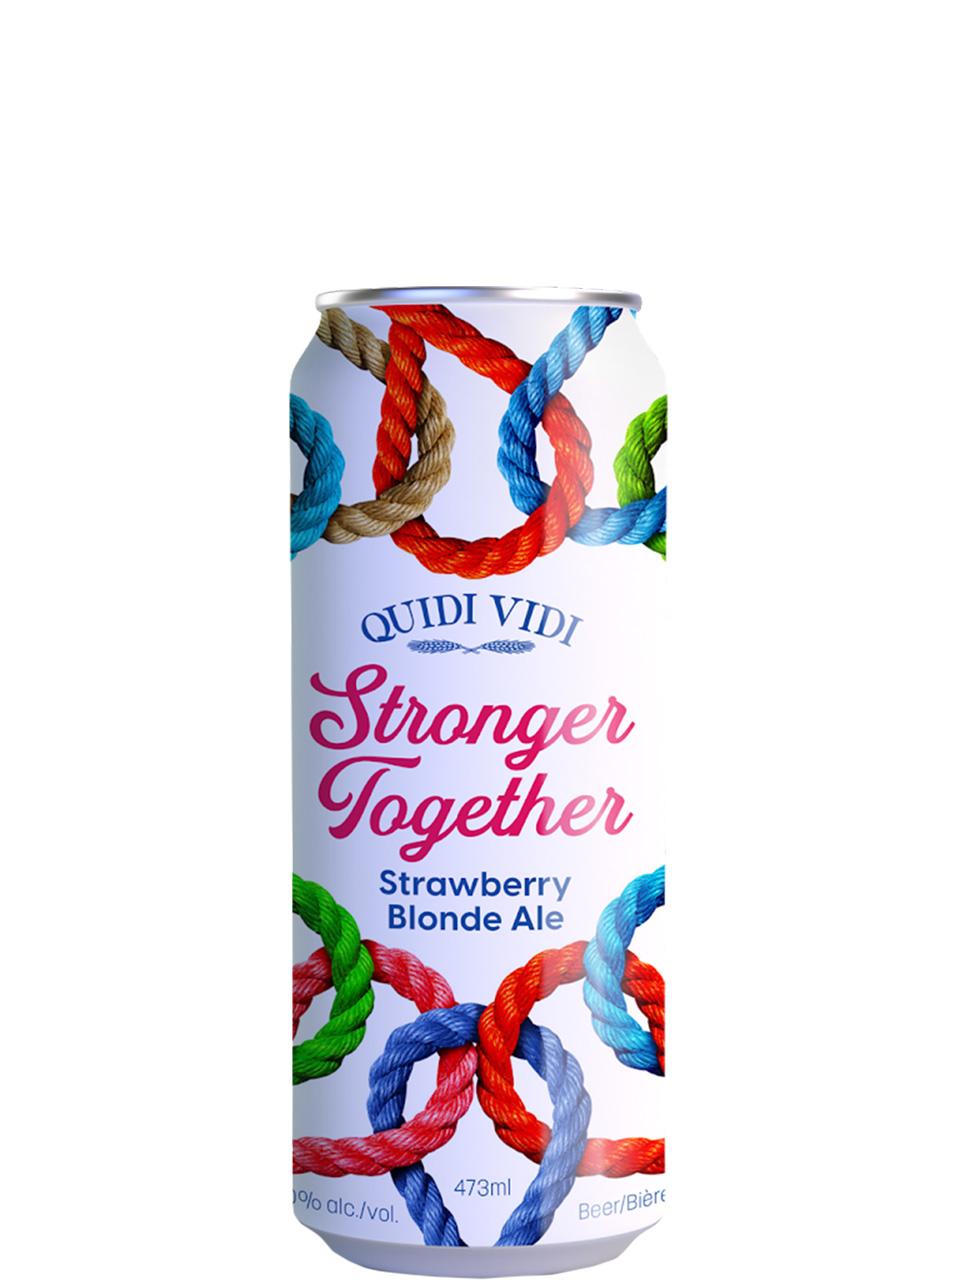 Quidi Vidi Stronger Together Strawberry Blonde Ale